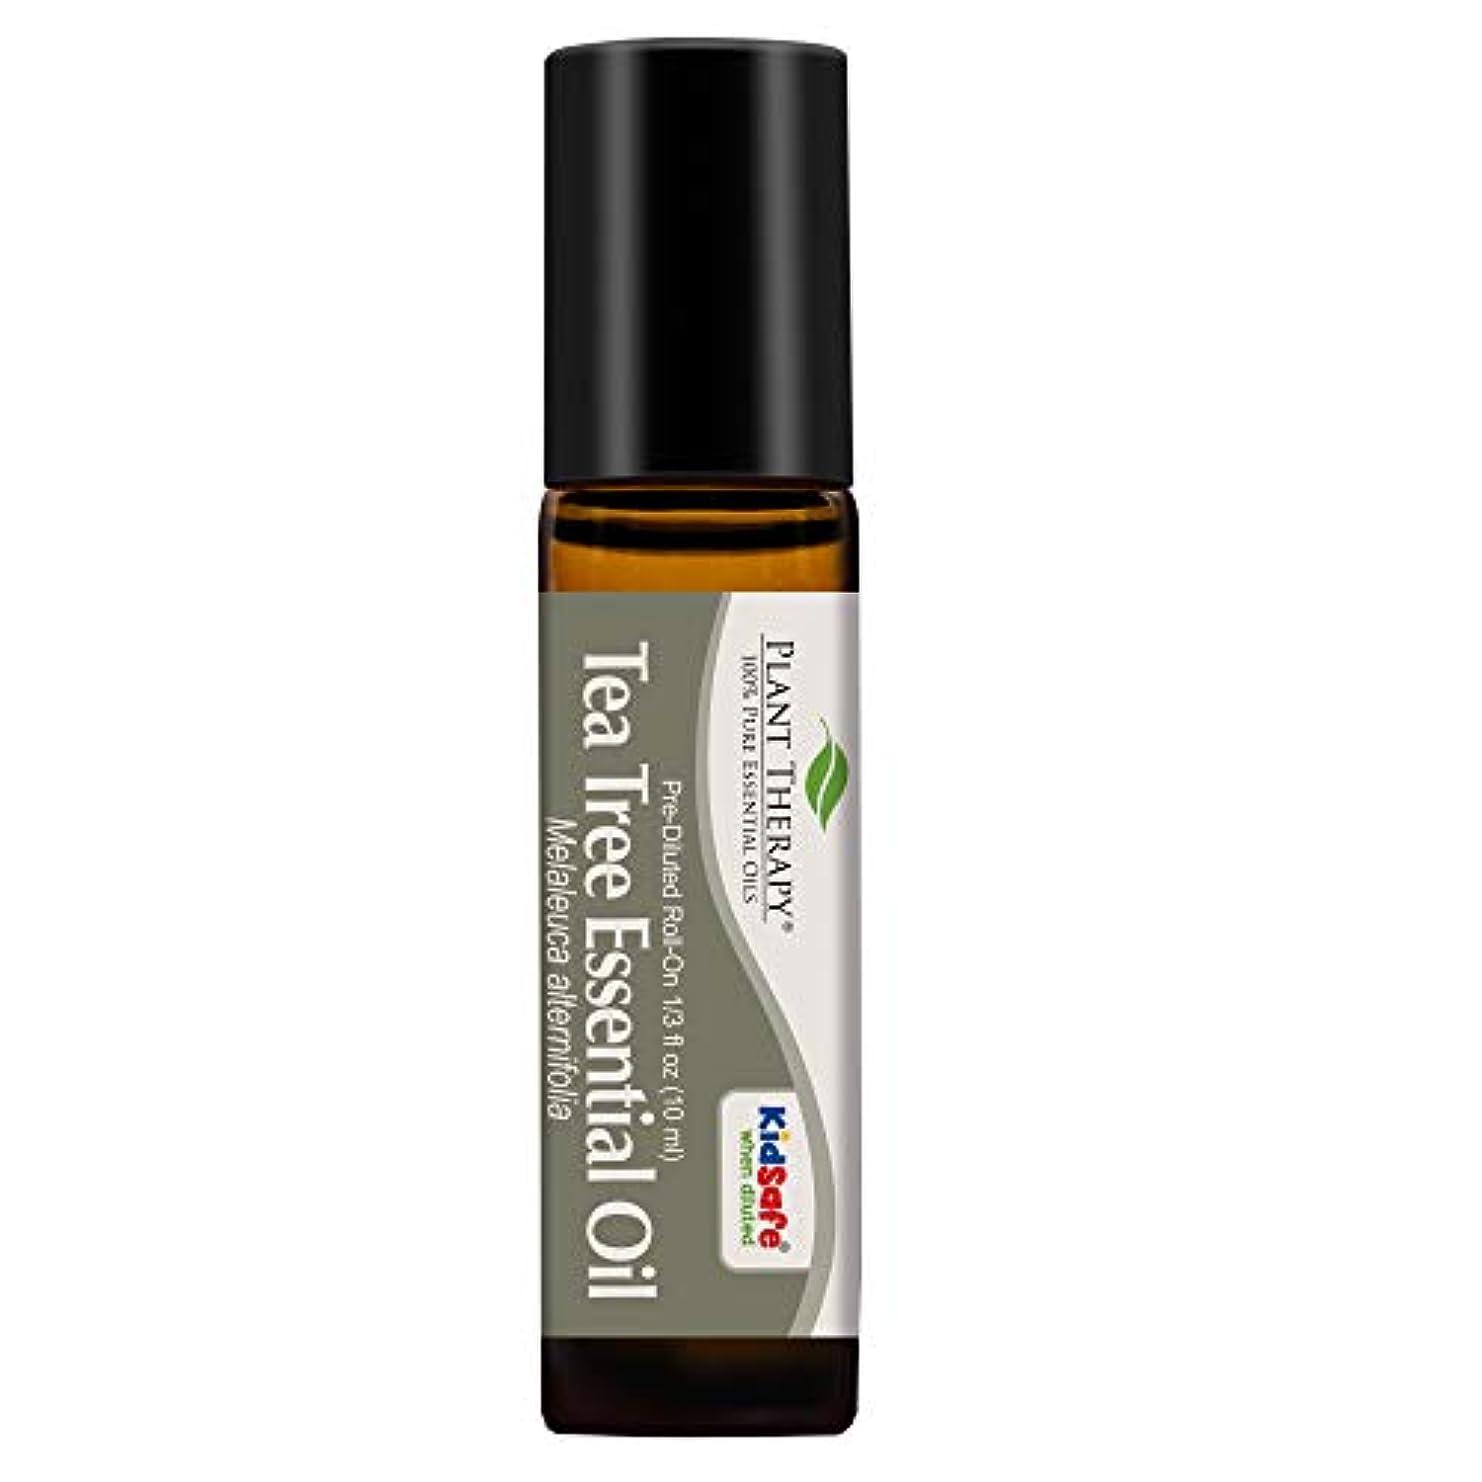 予備より平らな鎮痛剤Plant Therapy Tea Tree Pre-Diluted Roll-On 10 ml (1/3 fl oz) 100% Pure, Therapeutic Grade